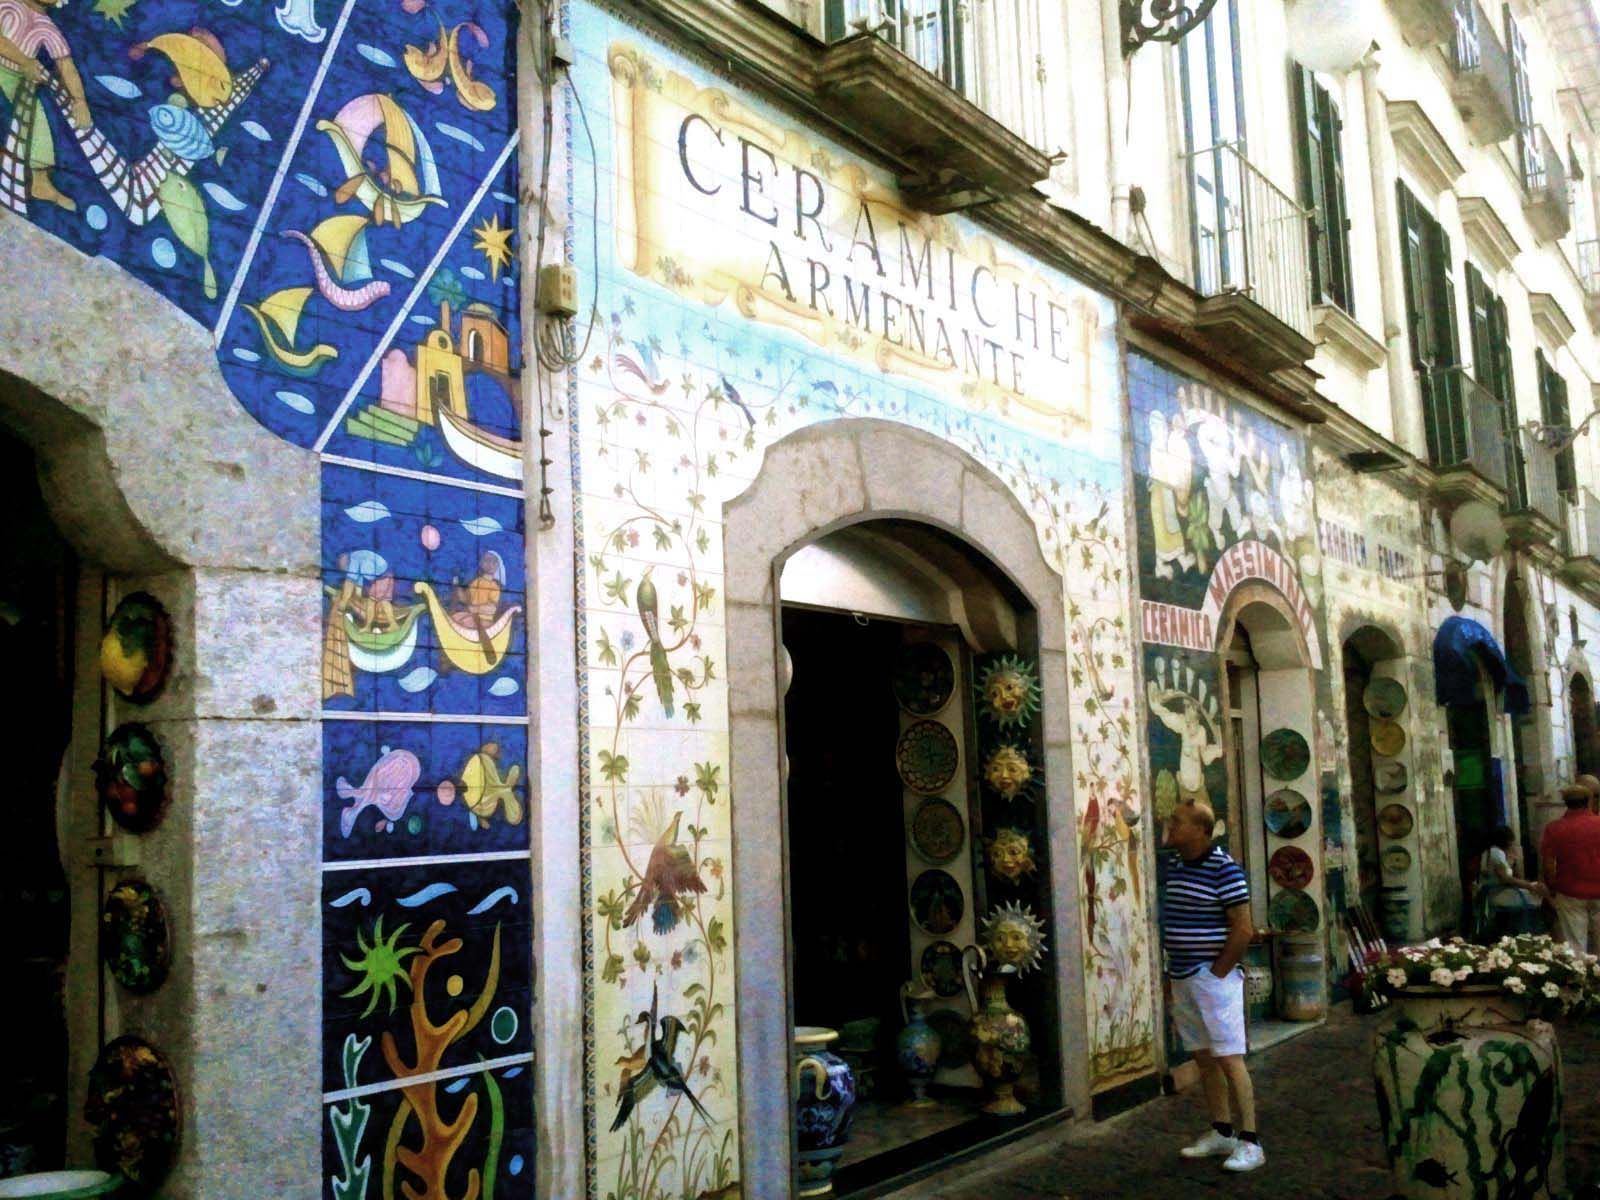 Vietri sul mare - Botteghe e negozi del centro storico #vietri #italia #costamalfitana #mare # ...